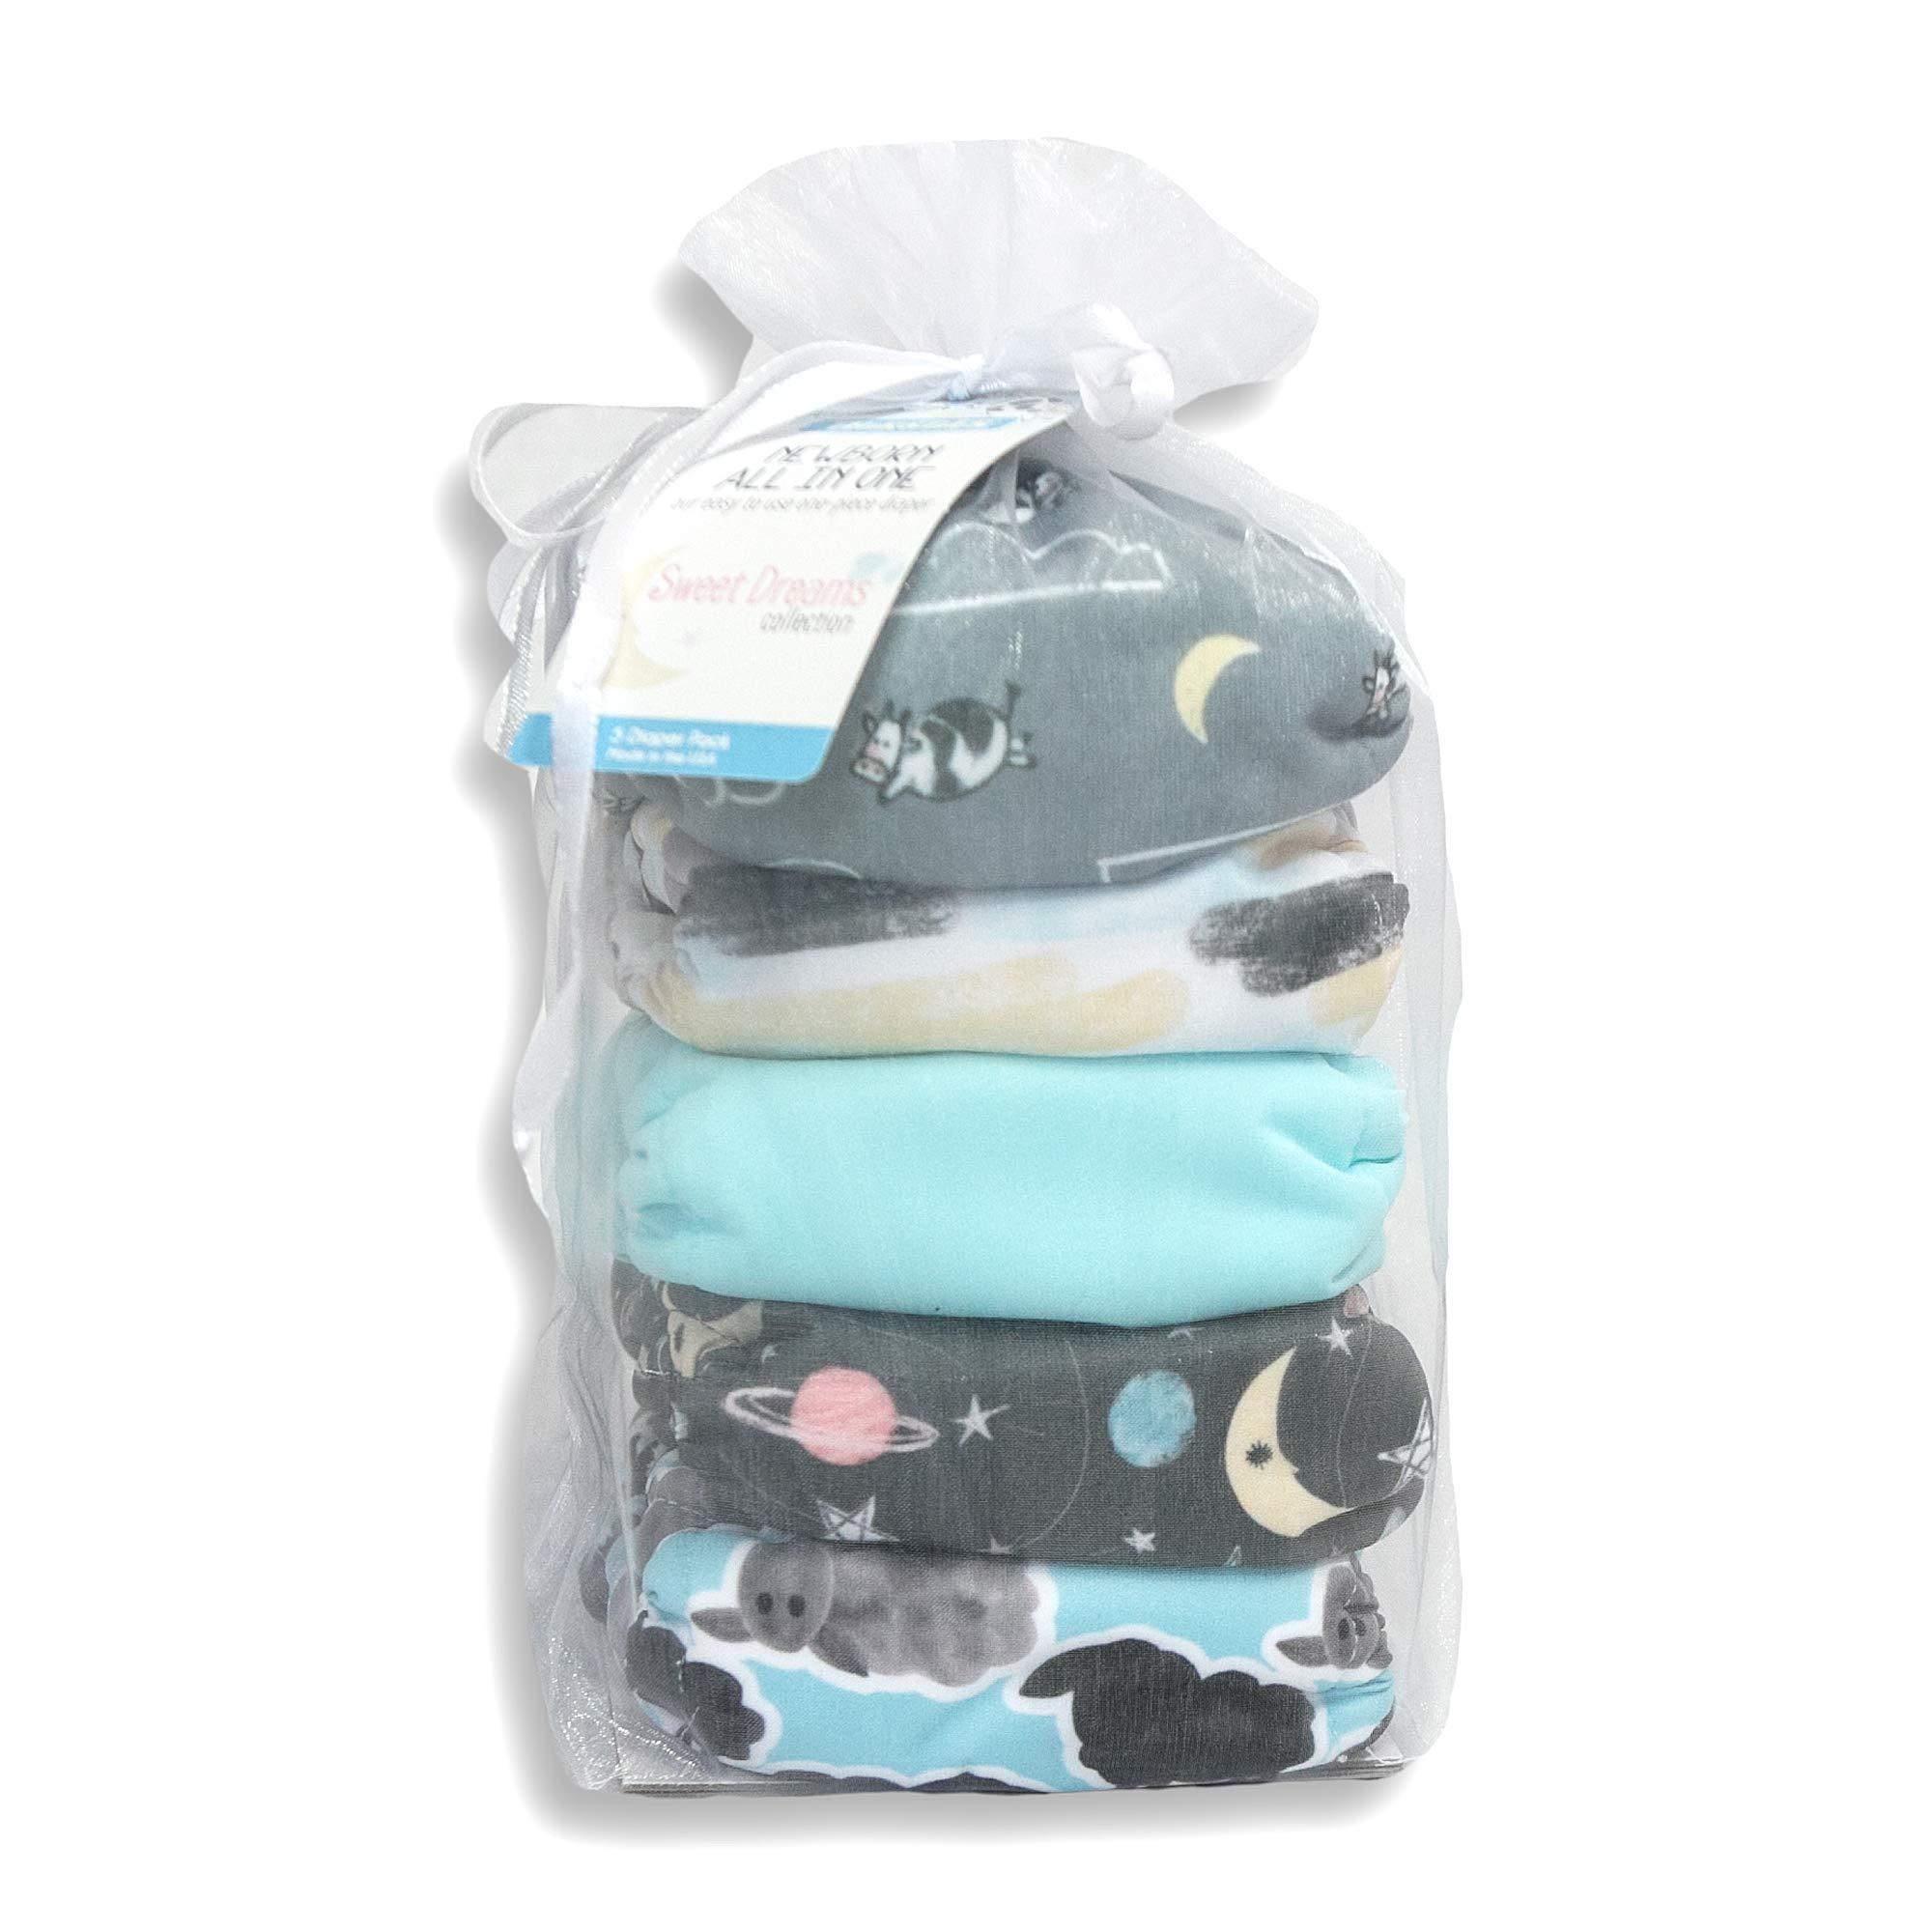 Thirsties Package, Snap Newborn All in One, Sweet Dreams by Thirsties (Image #2)